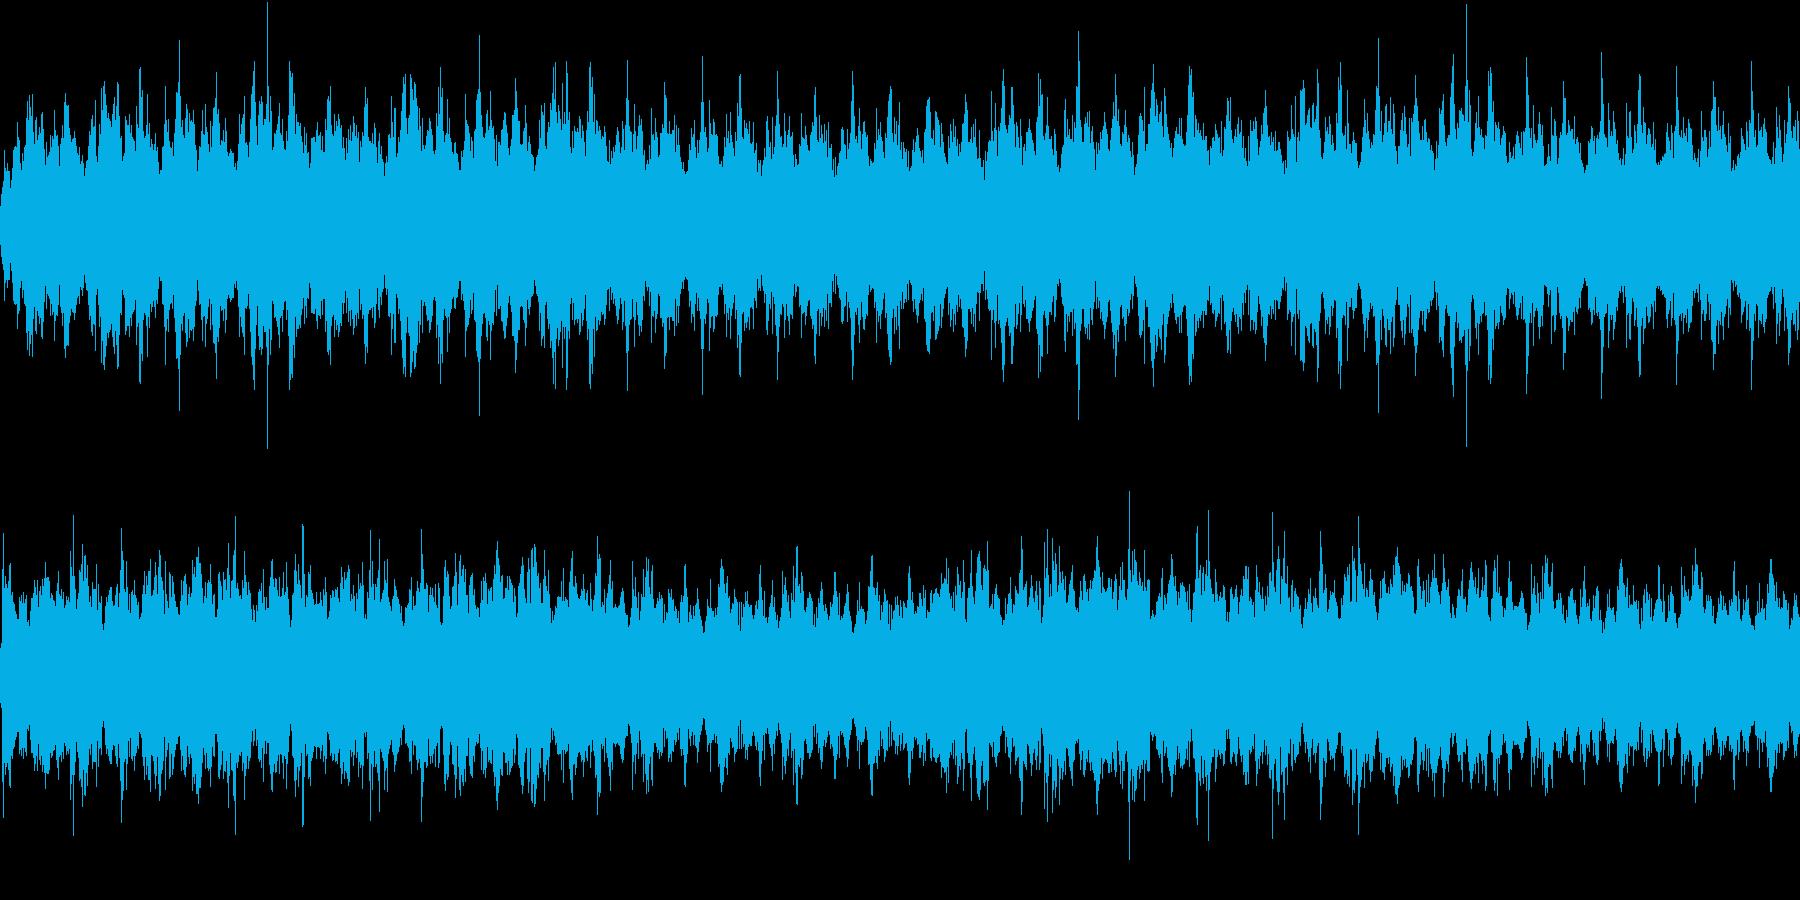 ノイズやドローンのホラーで使われる系の曲の再生済みの波形